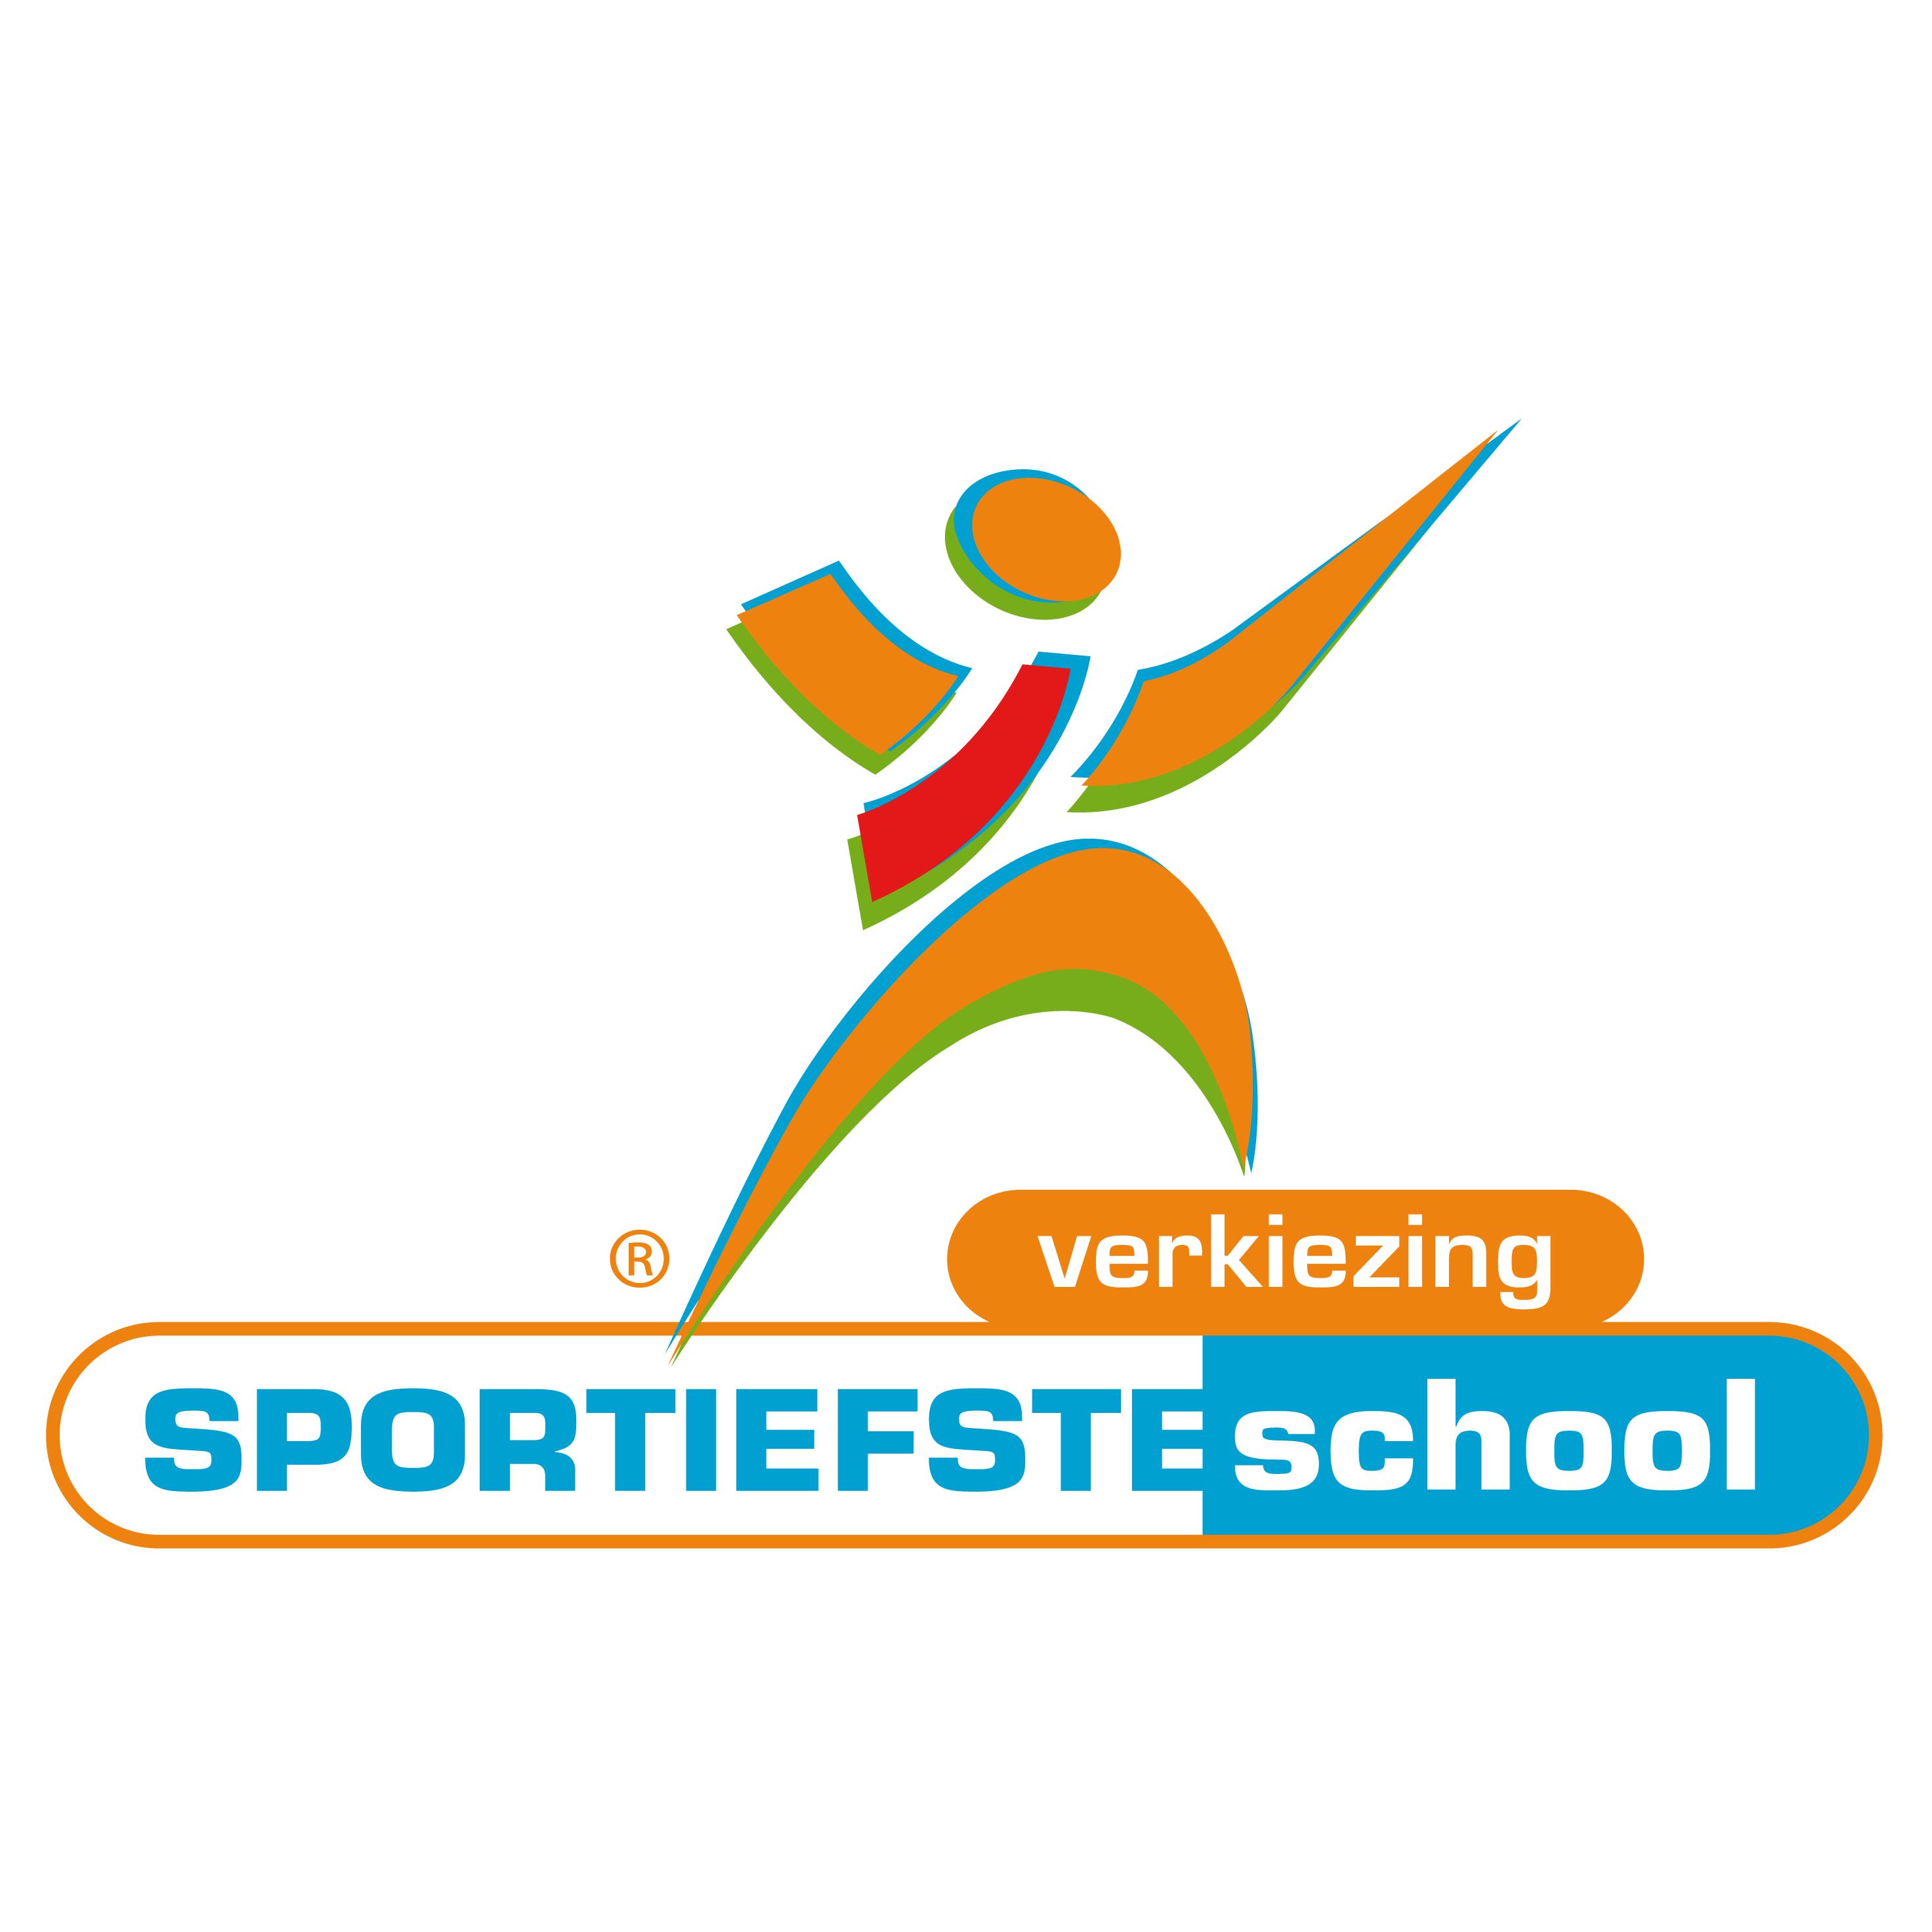 sportiefste school noedge - Maatschappelijk Verantwoord Ondernemen